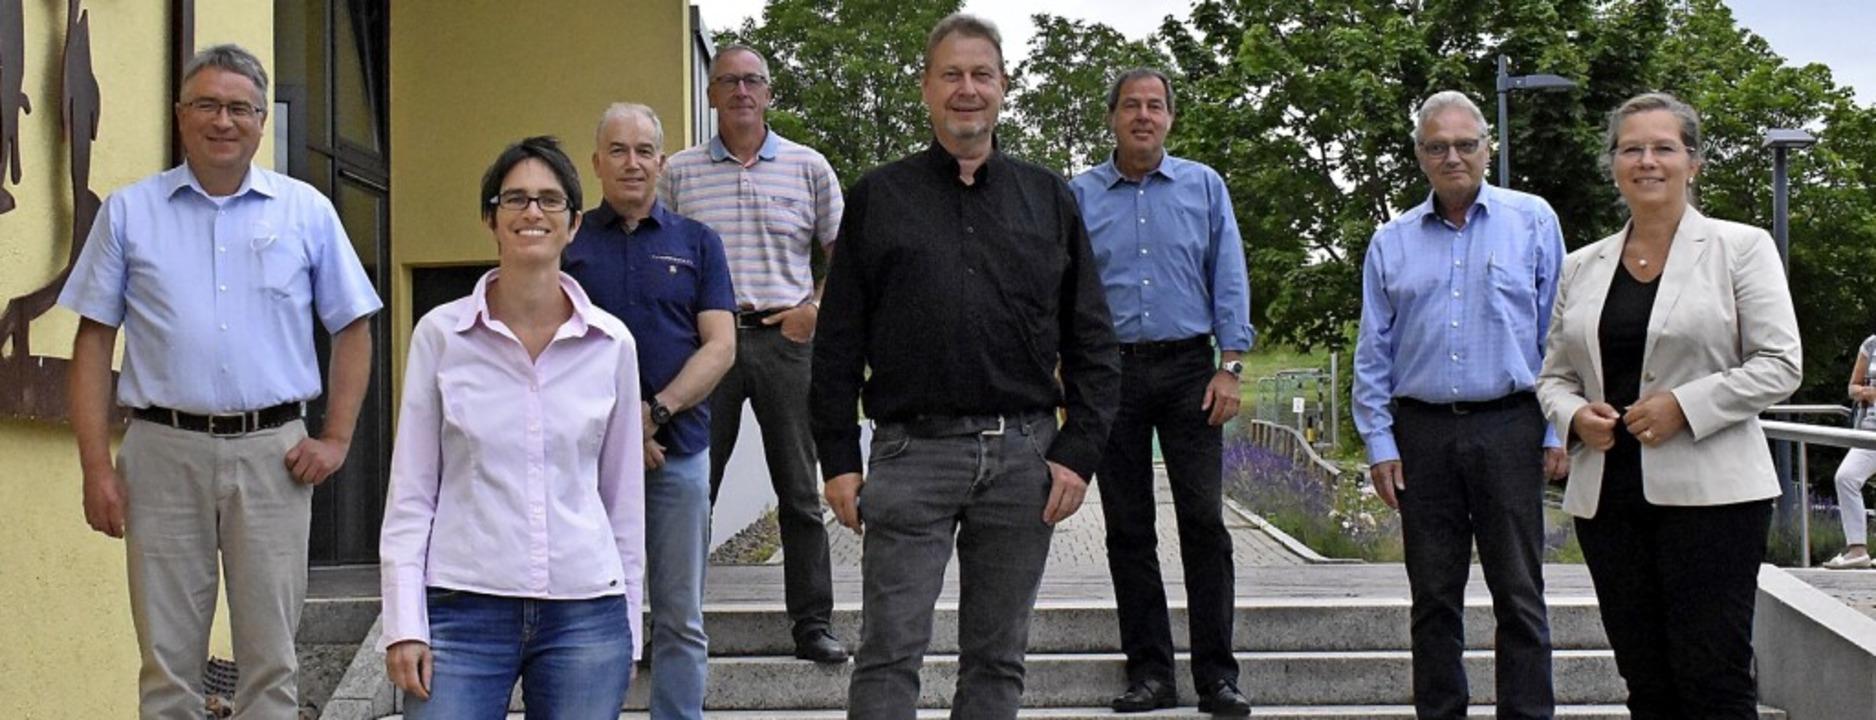 Vorstand und Aufsichtsrat: Martin Völk..., Dieter Burger, Diana Stöcker (v. l.)    Foto: Thomas Loisl Mink